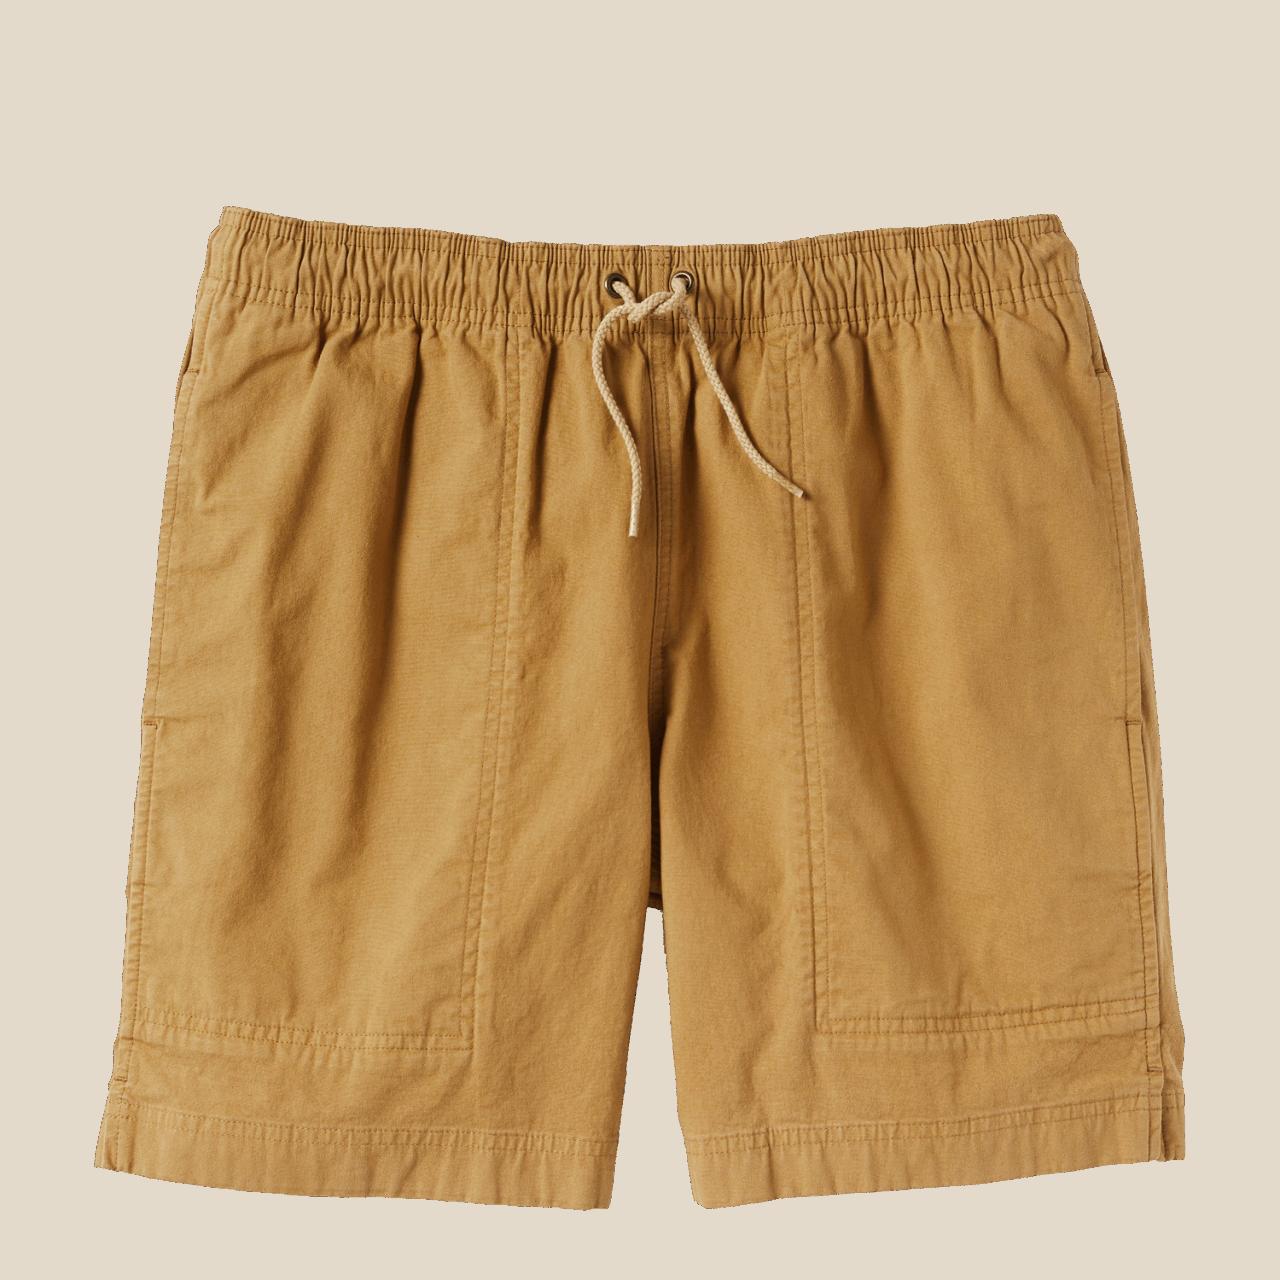 Filson Dry Falls Shorts - mustard